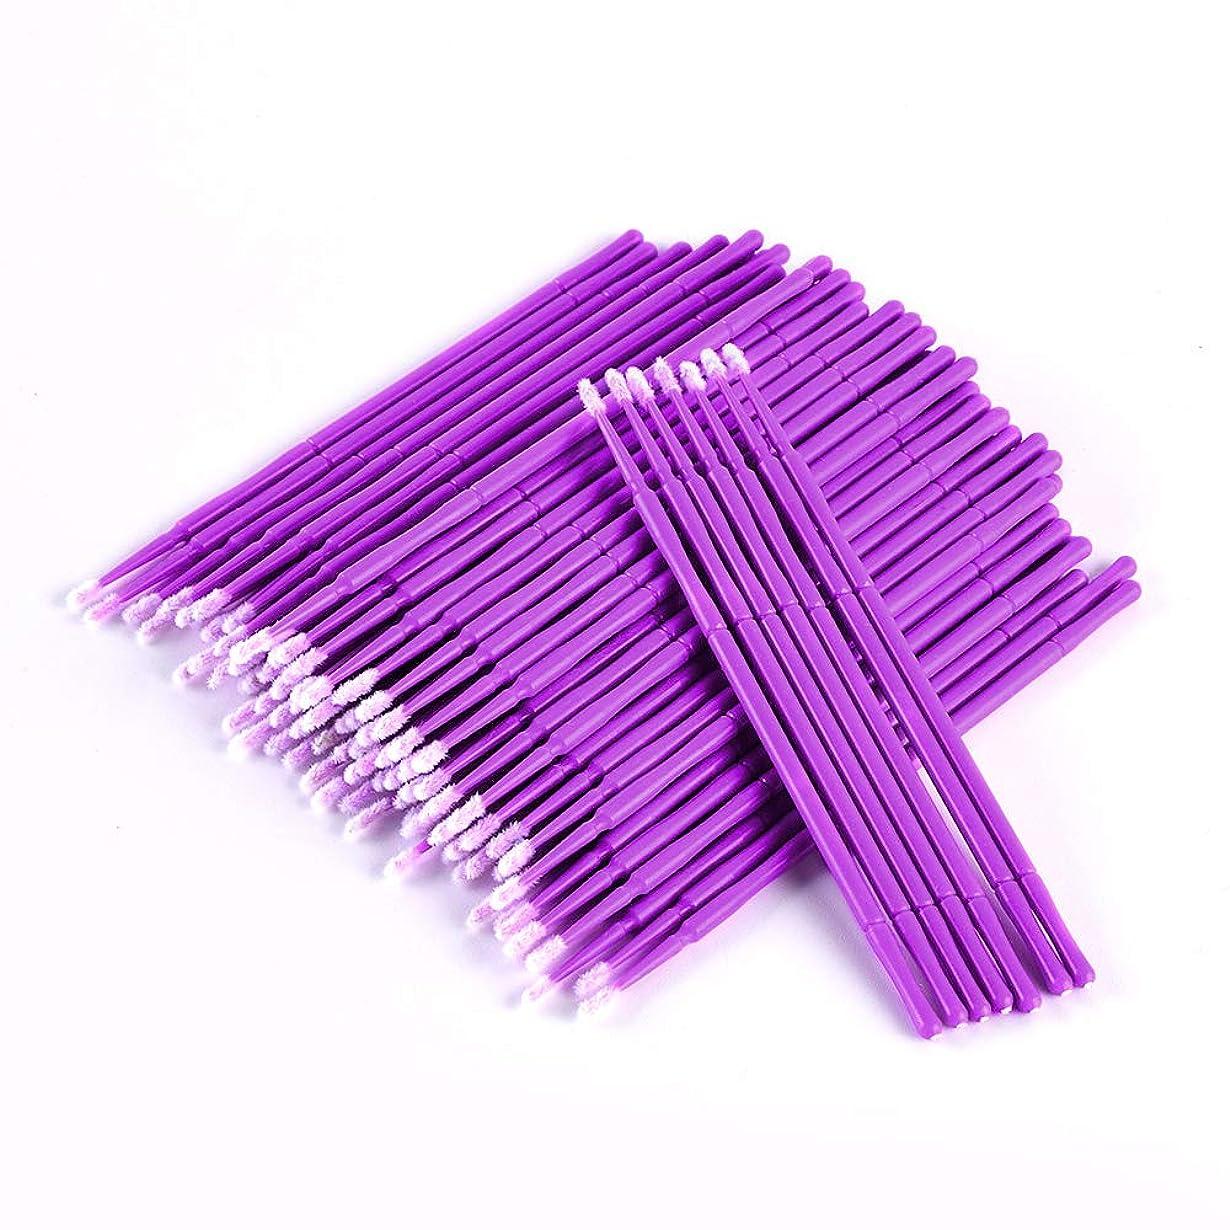 アリーナとても乗って100PCS /袋使い捨てマイクロブラシまつげのエクステンション個々のラッシュまつげエクステンションツール用綿棒マイクロブラシを削除します (Bule-Large)